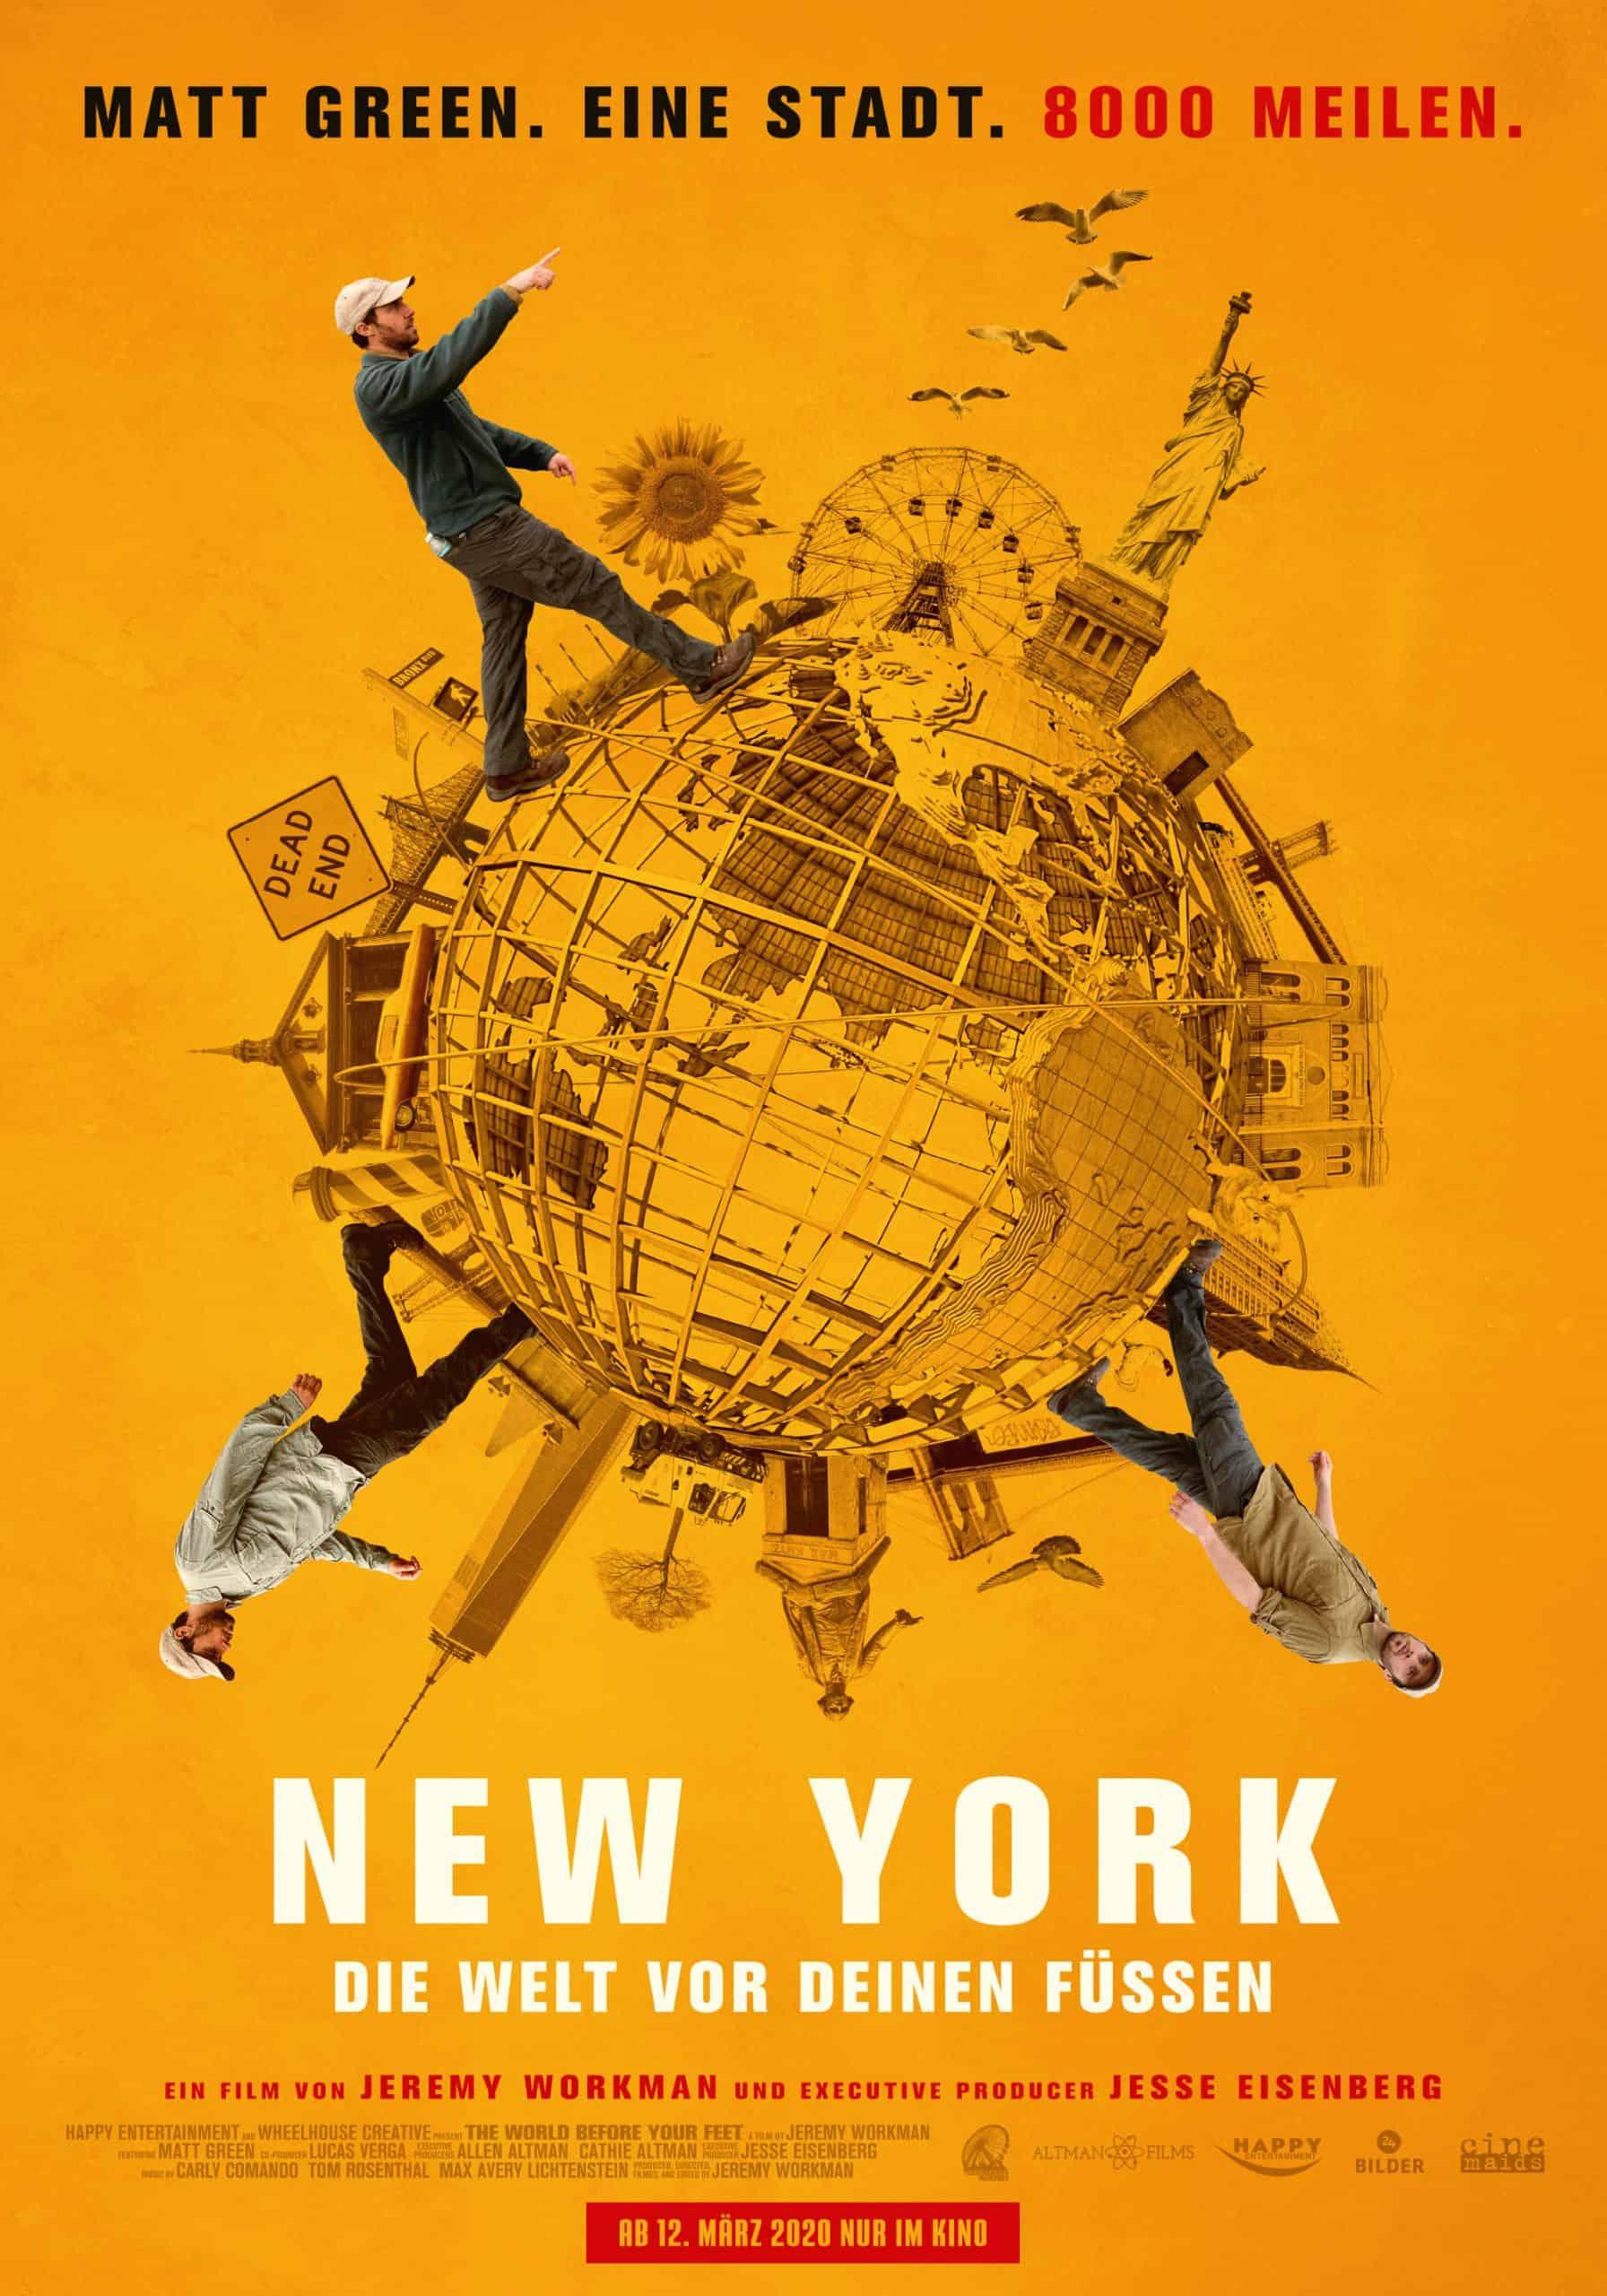 New York: Die Welt vor deinen Füßen mit Stadt-Walker Matt Green